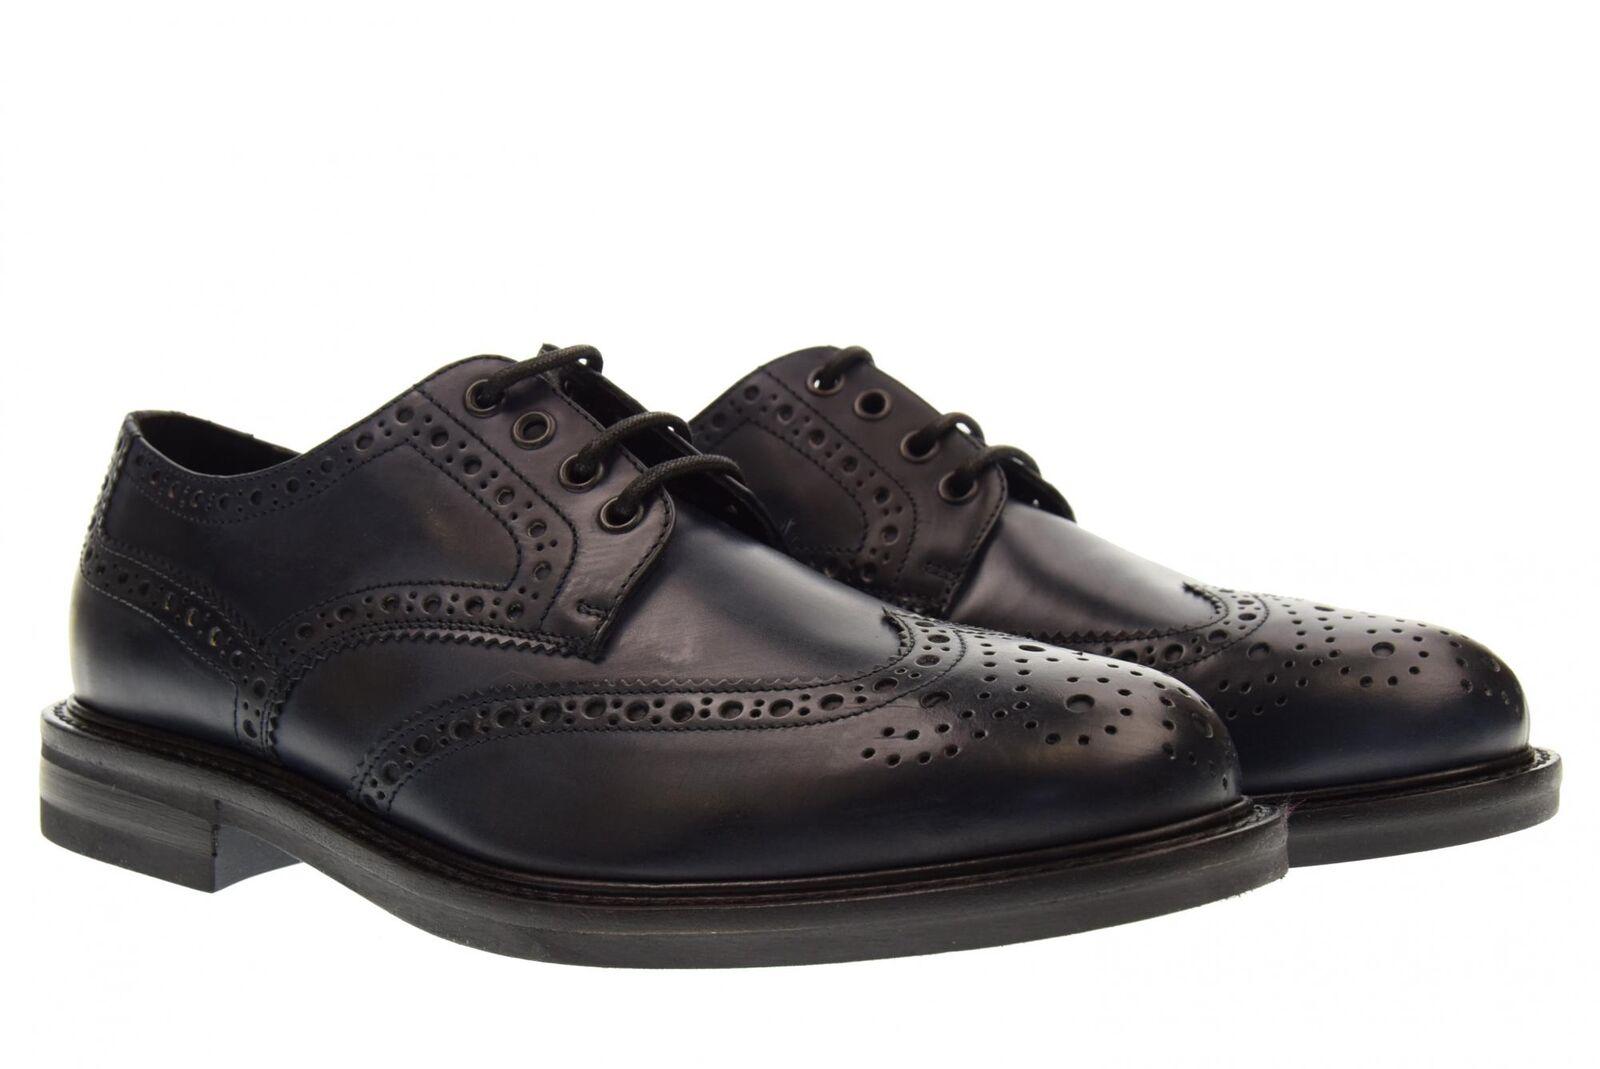 Antica Cuoieria A18s scarpe de uomoInglesa 20617 -B -V68 BATISFERA MM.13